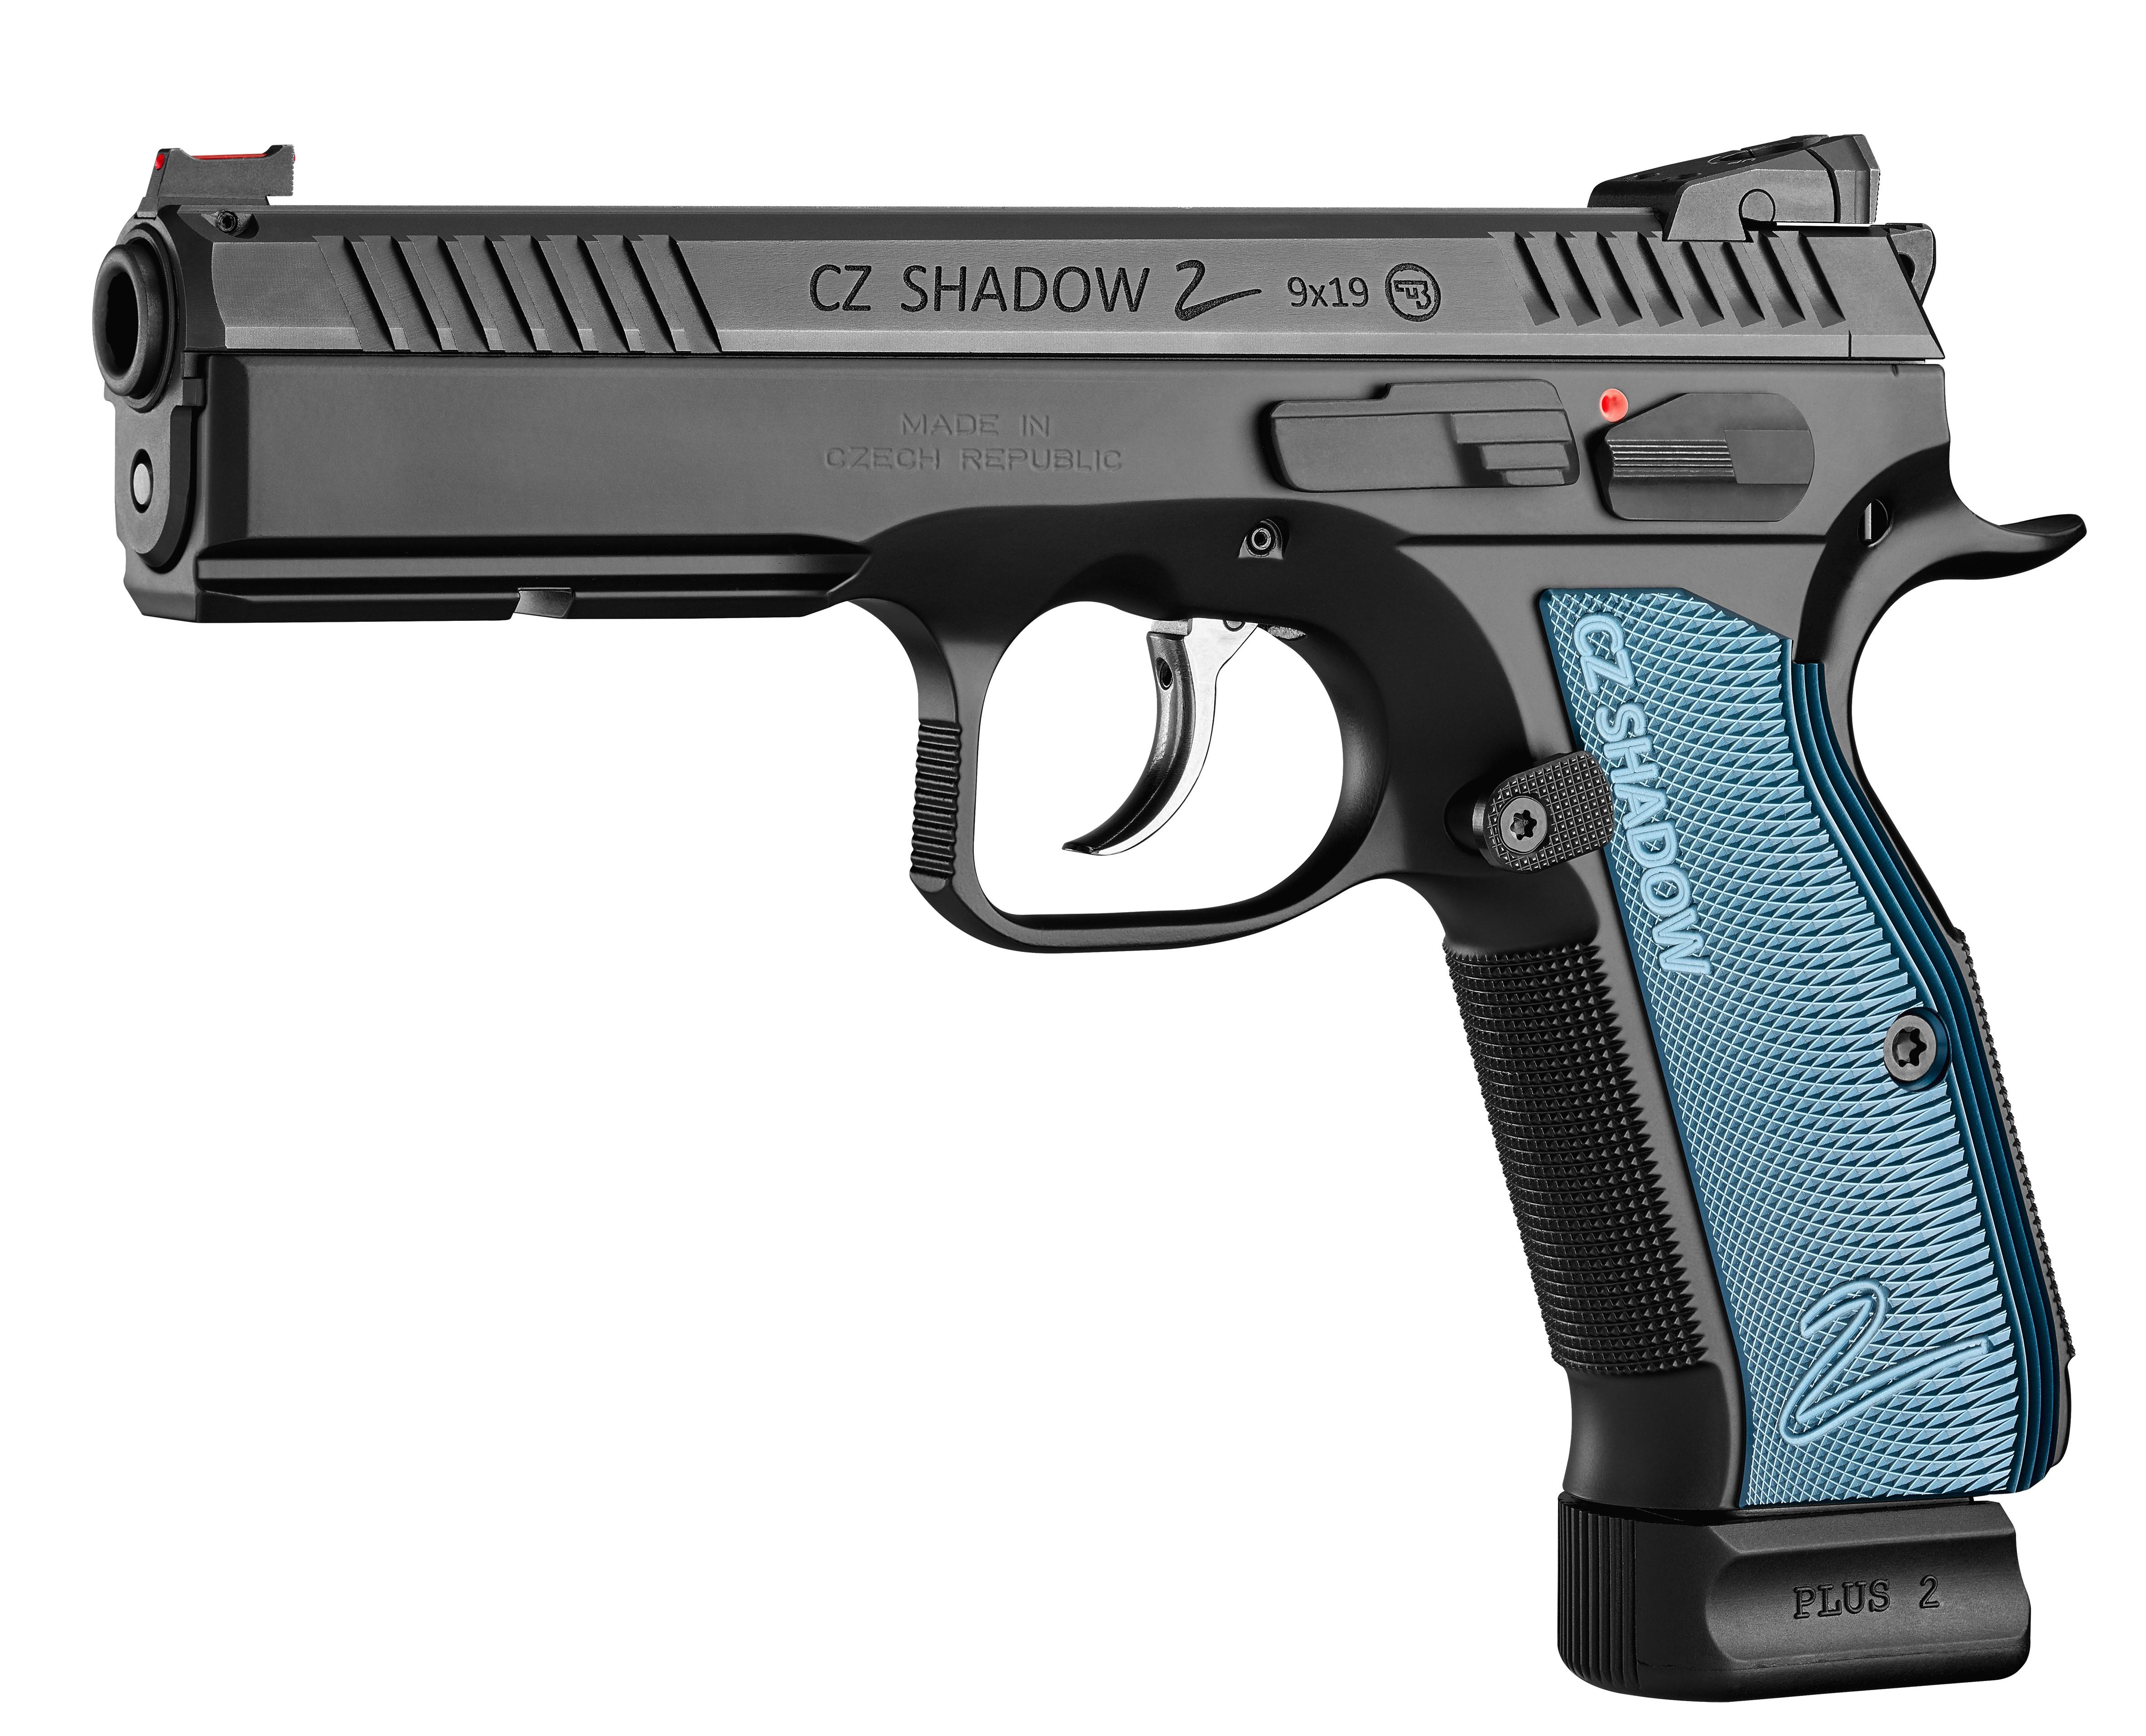 pistolet cz 75 shadow 2 calibre 9x19 armurerie lavaux. Black Bedroom Furniture Sets. Home Design Ideas